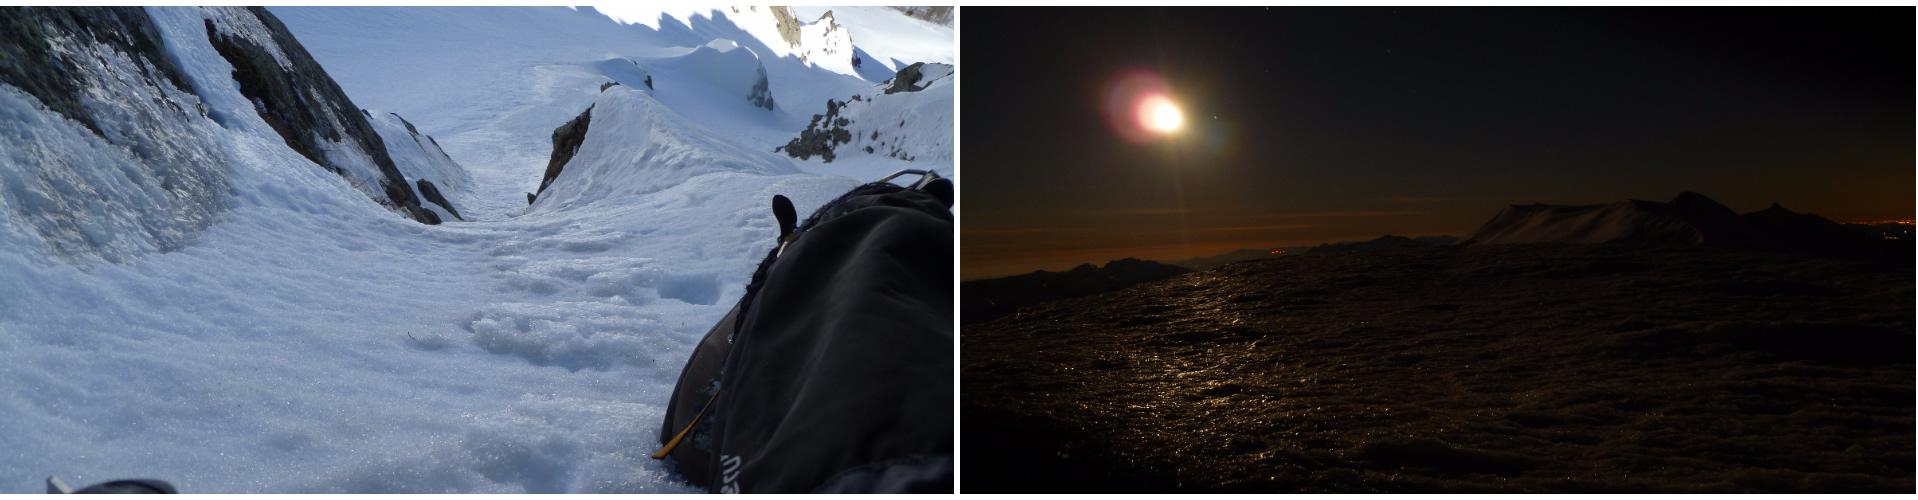 Bellina la goulottina, uscita variante del Canale Nord del Sassofratto. Luna e Cusna dalla cima del Monte La Piella.